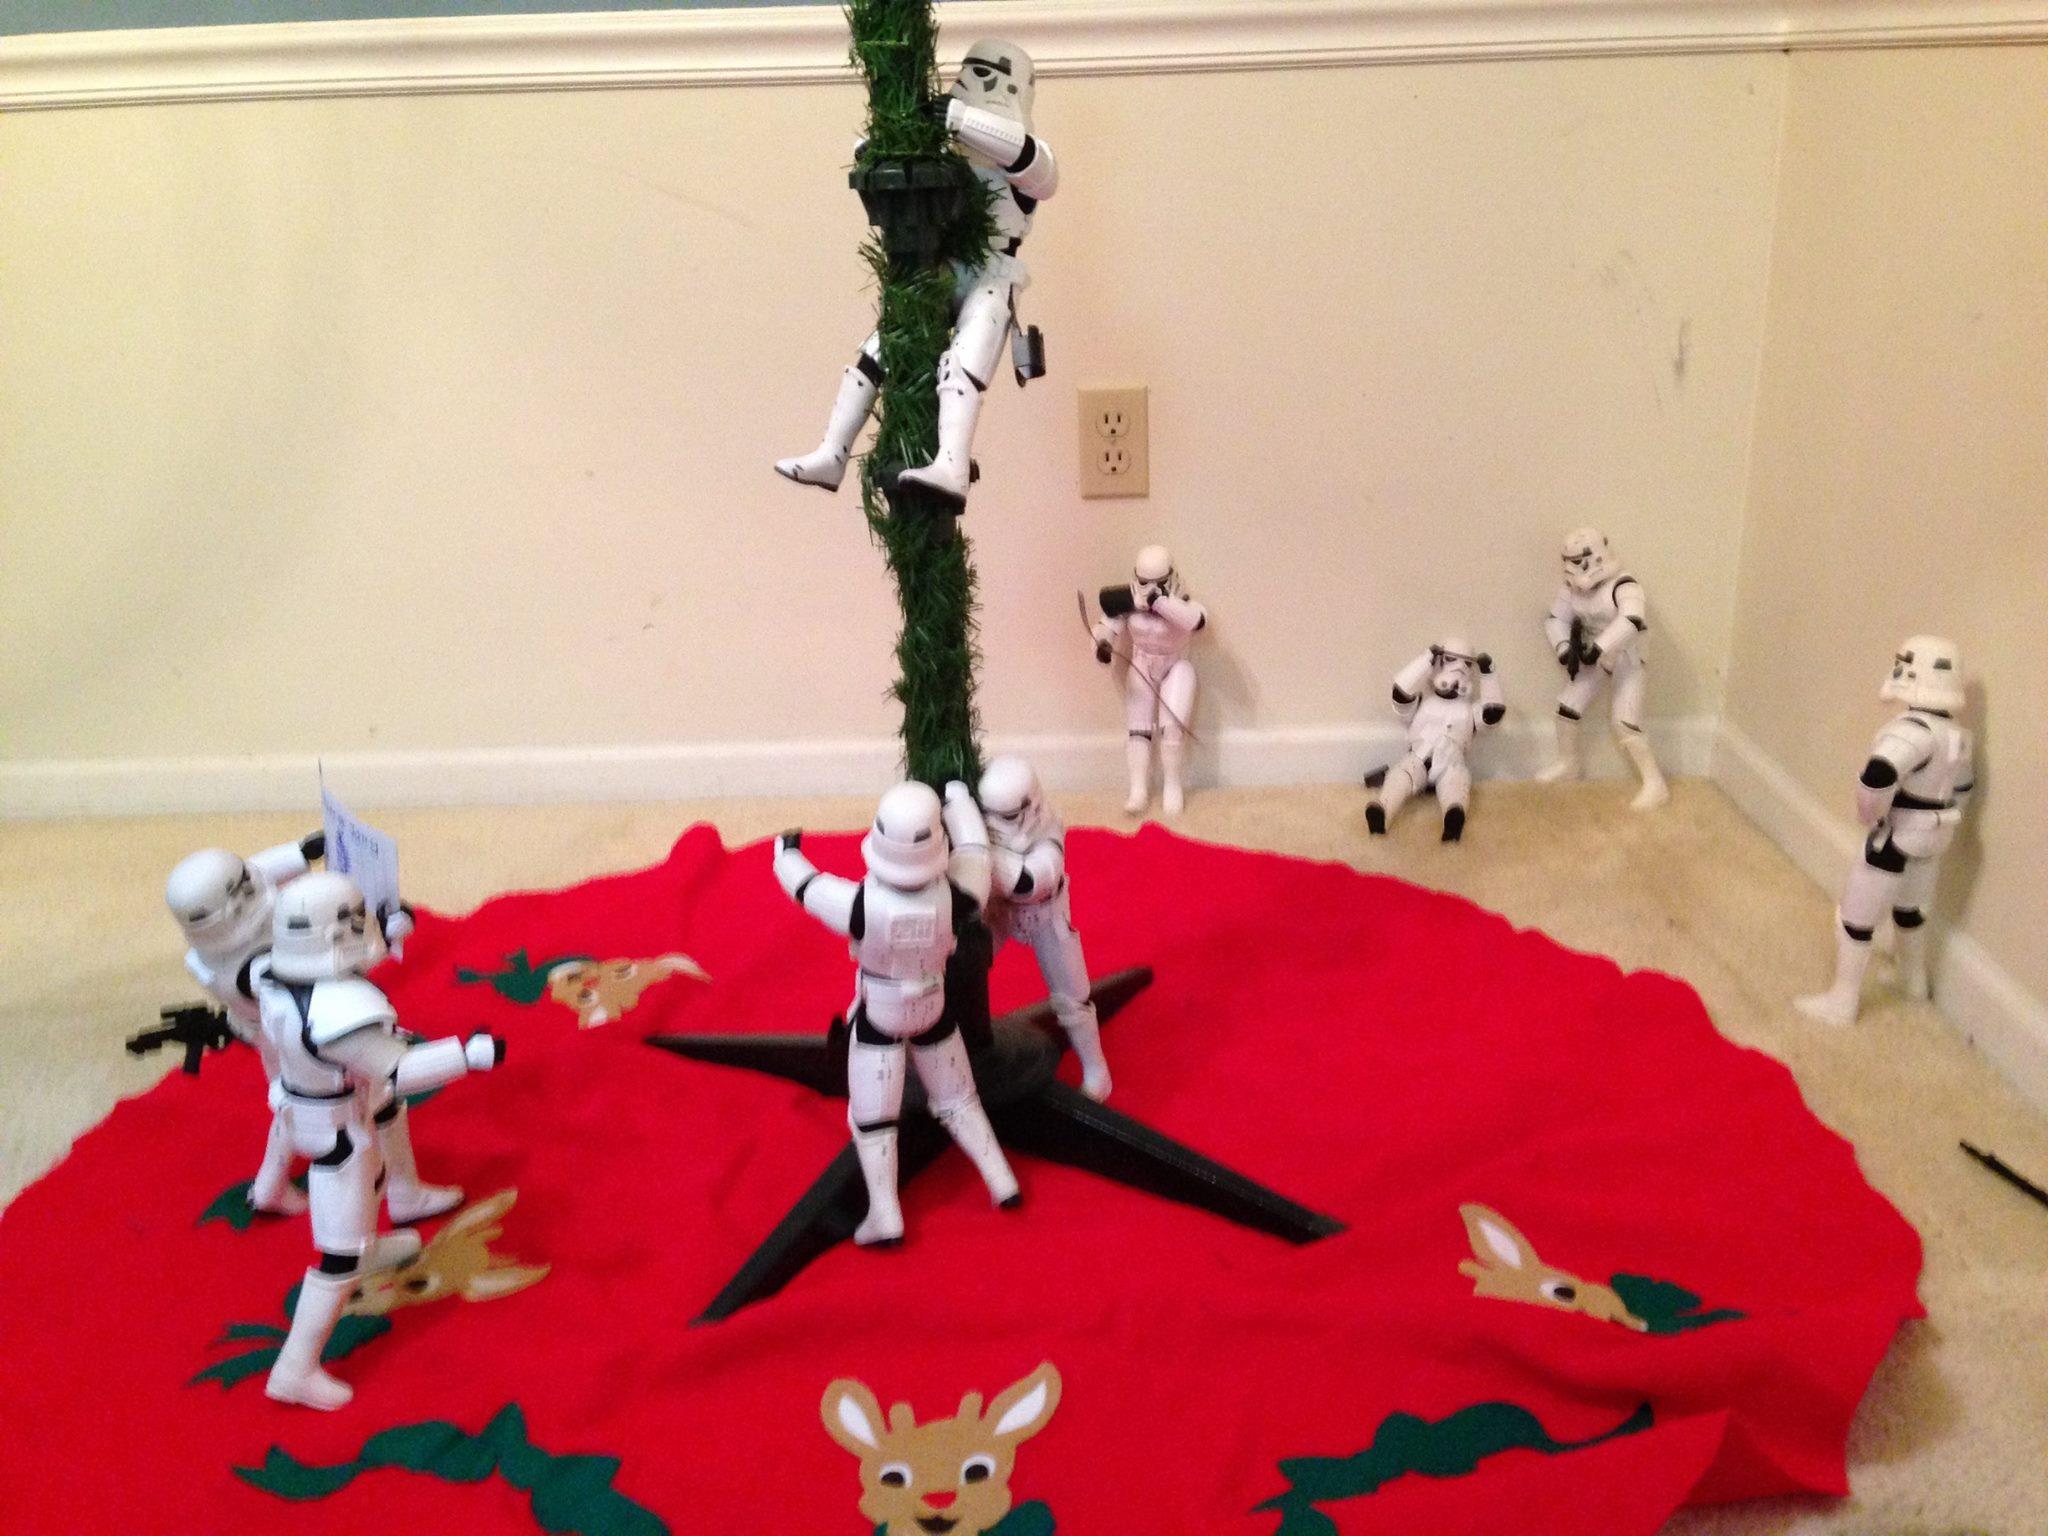 stormtrooper-11